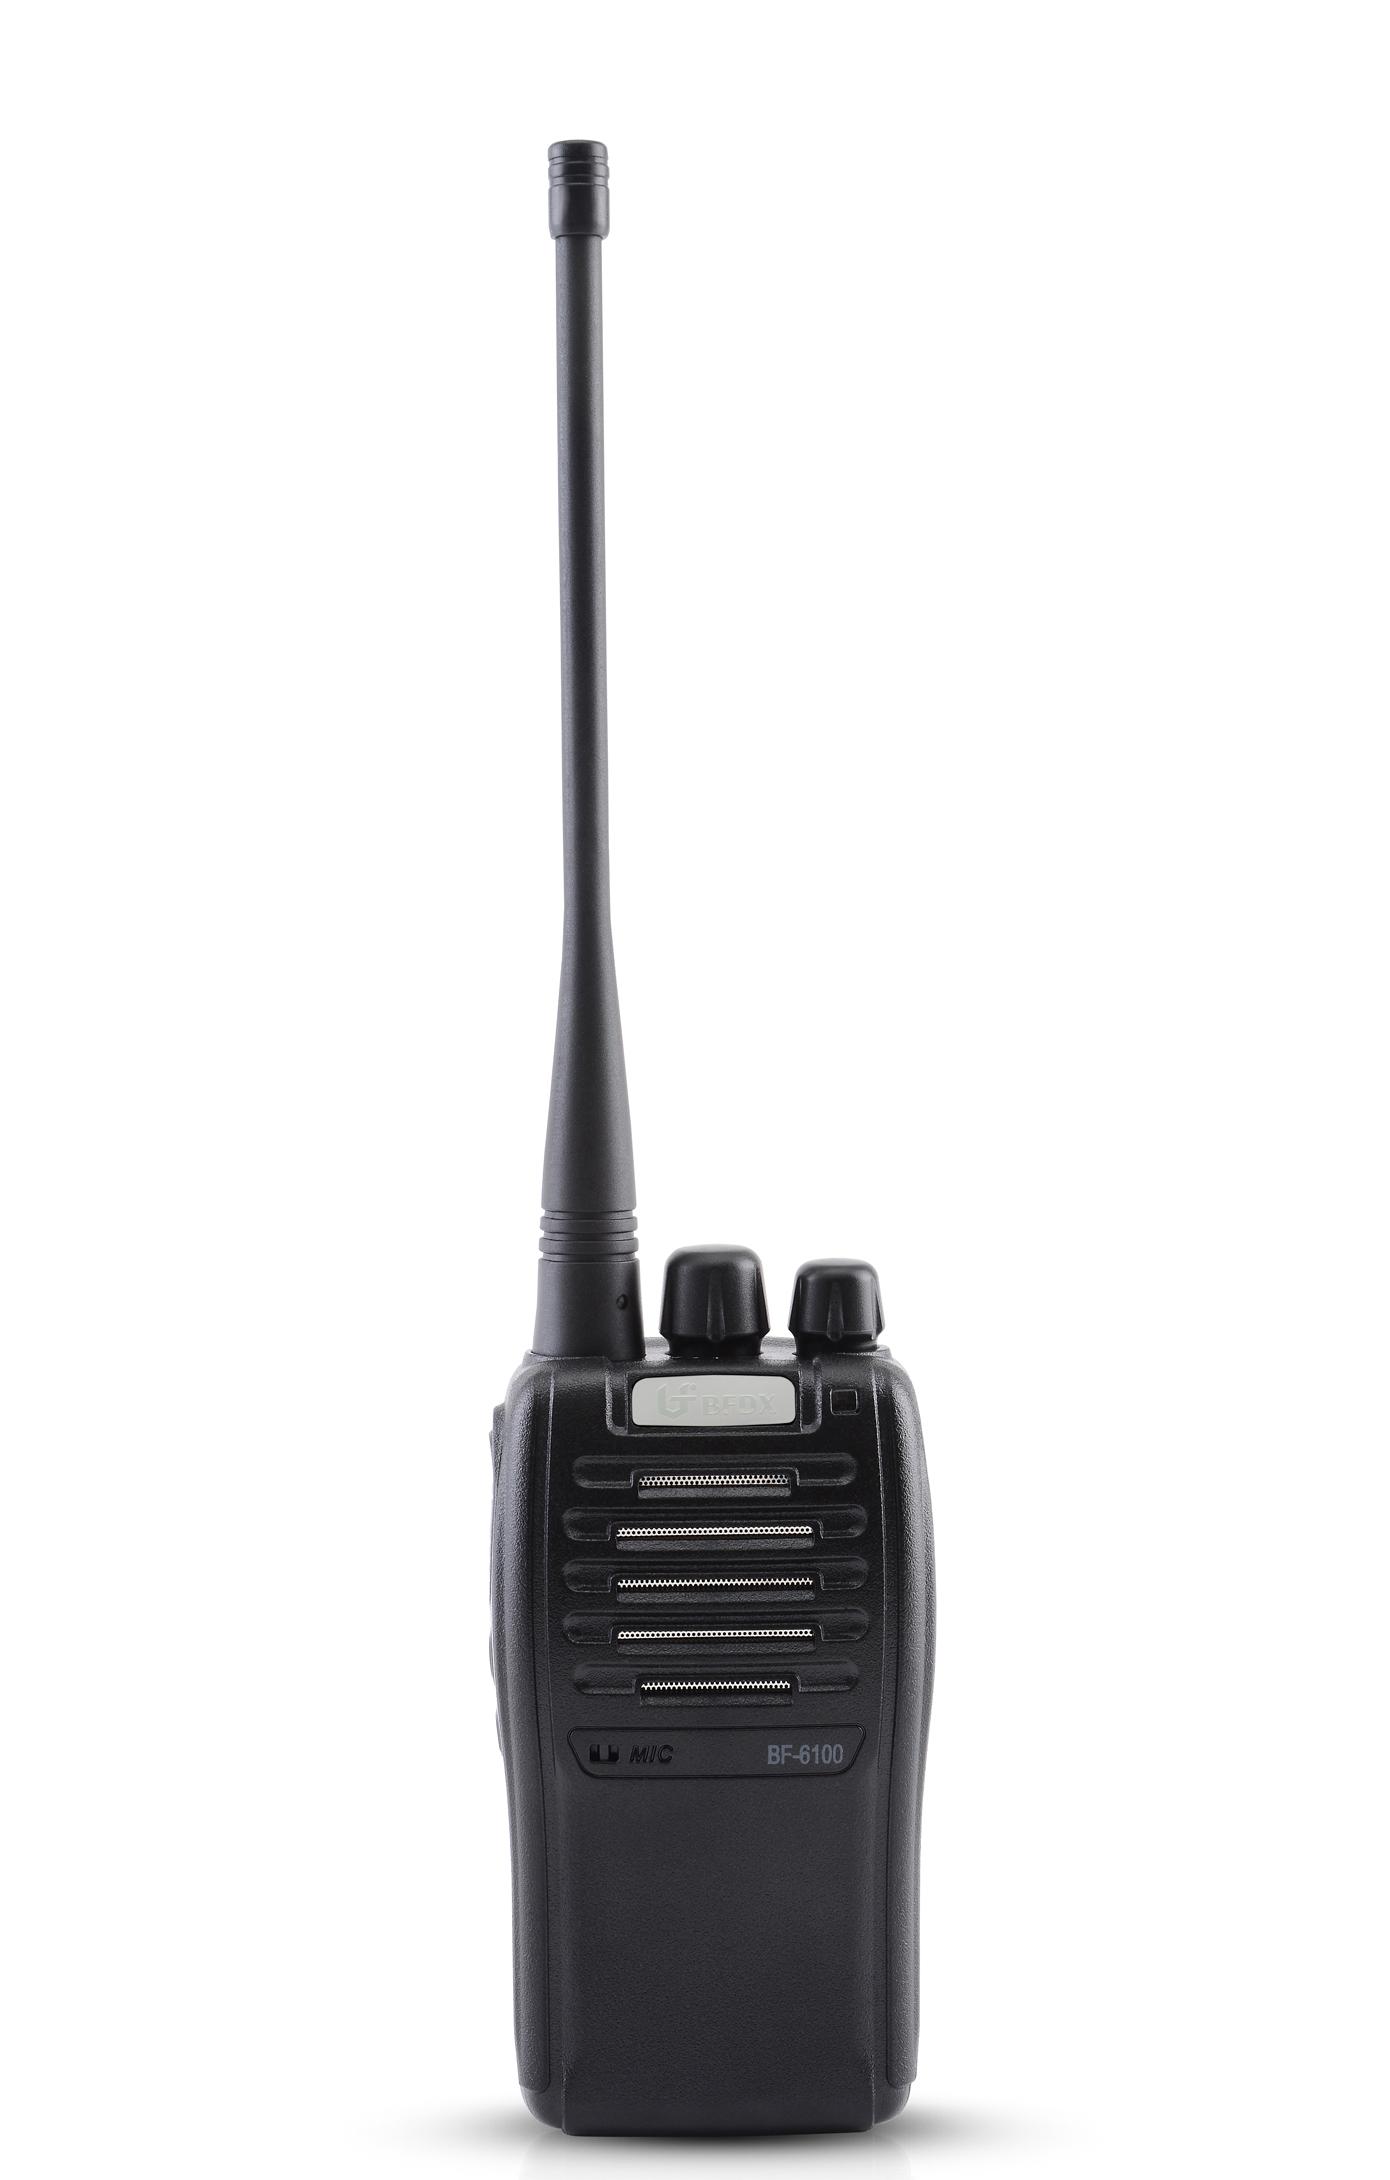 BF-6100II